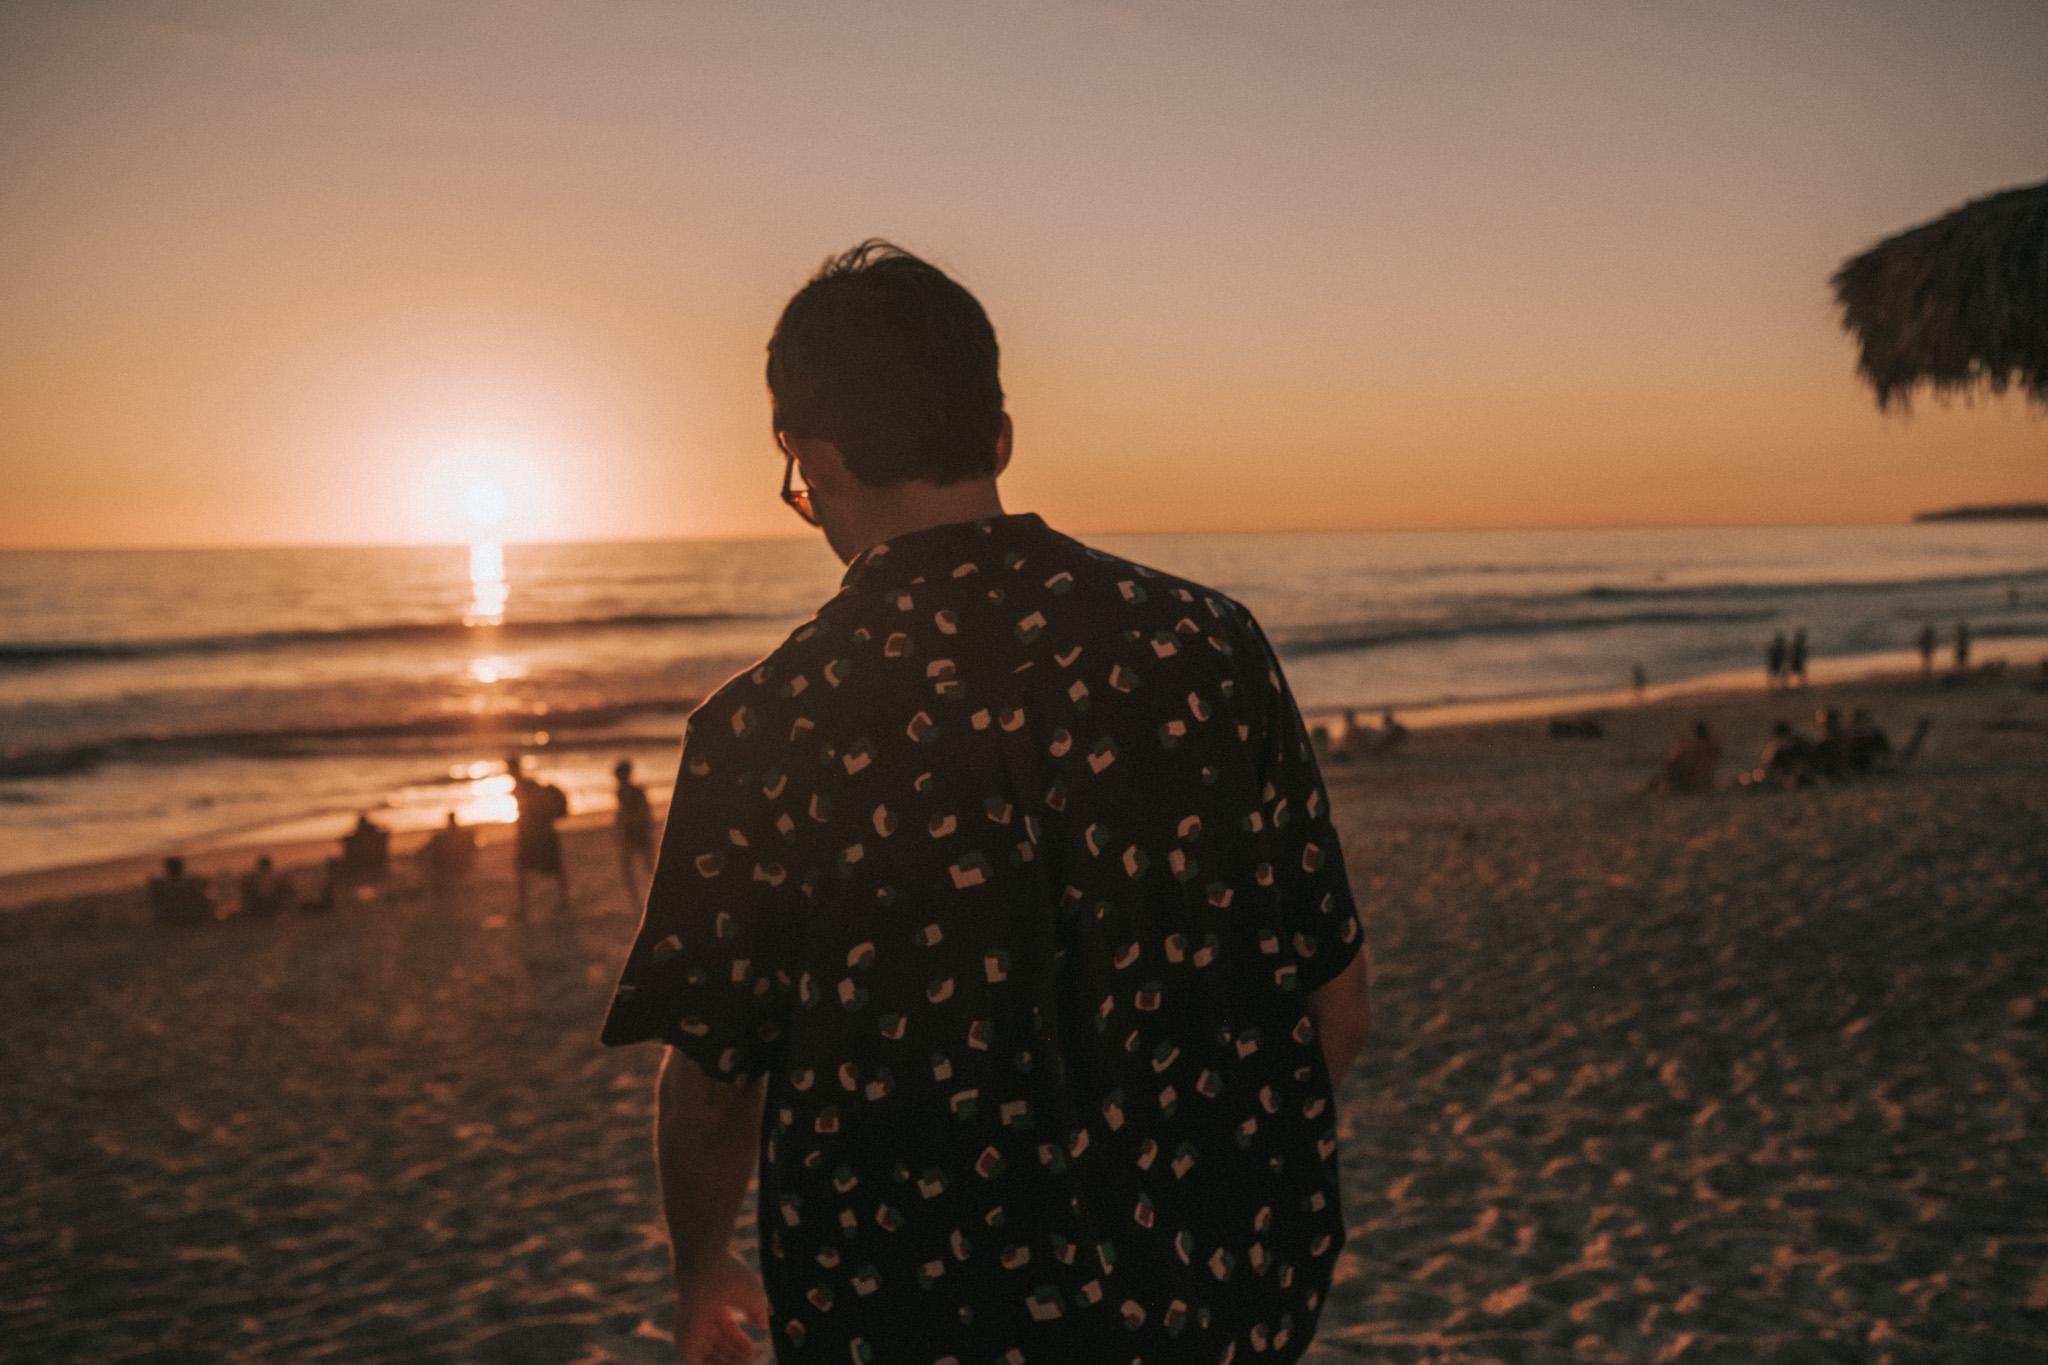 Gowai Shirt